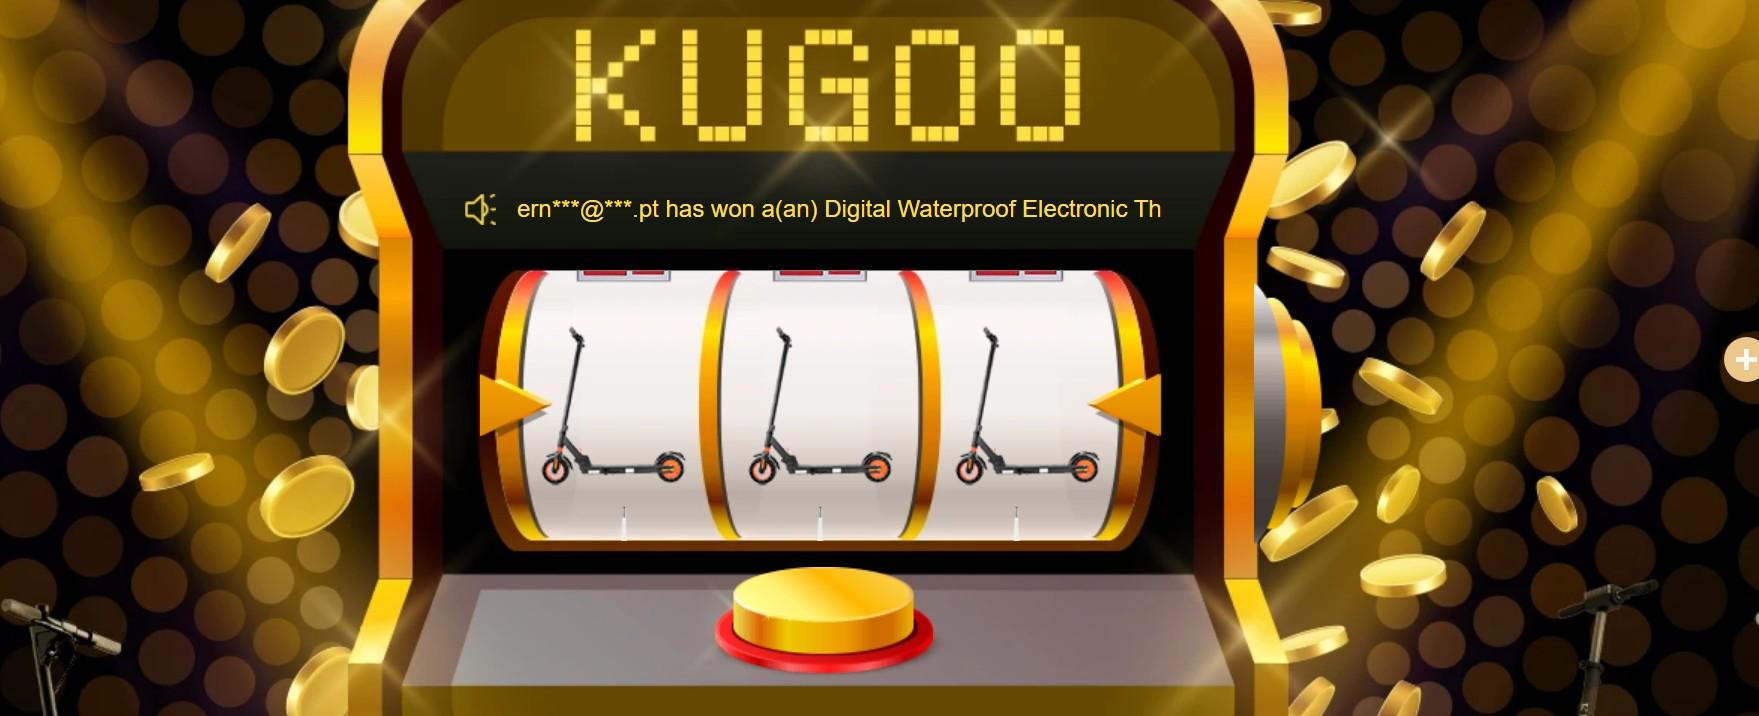 Lucky Draw - KUGOO 6th Anniversary